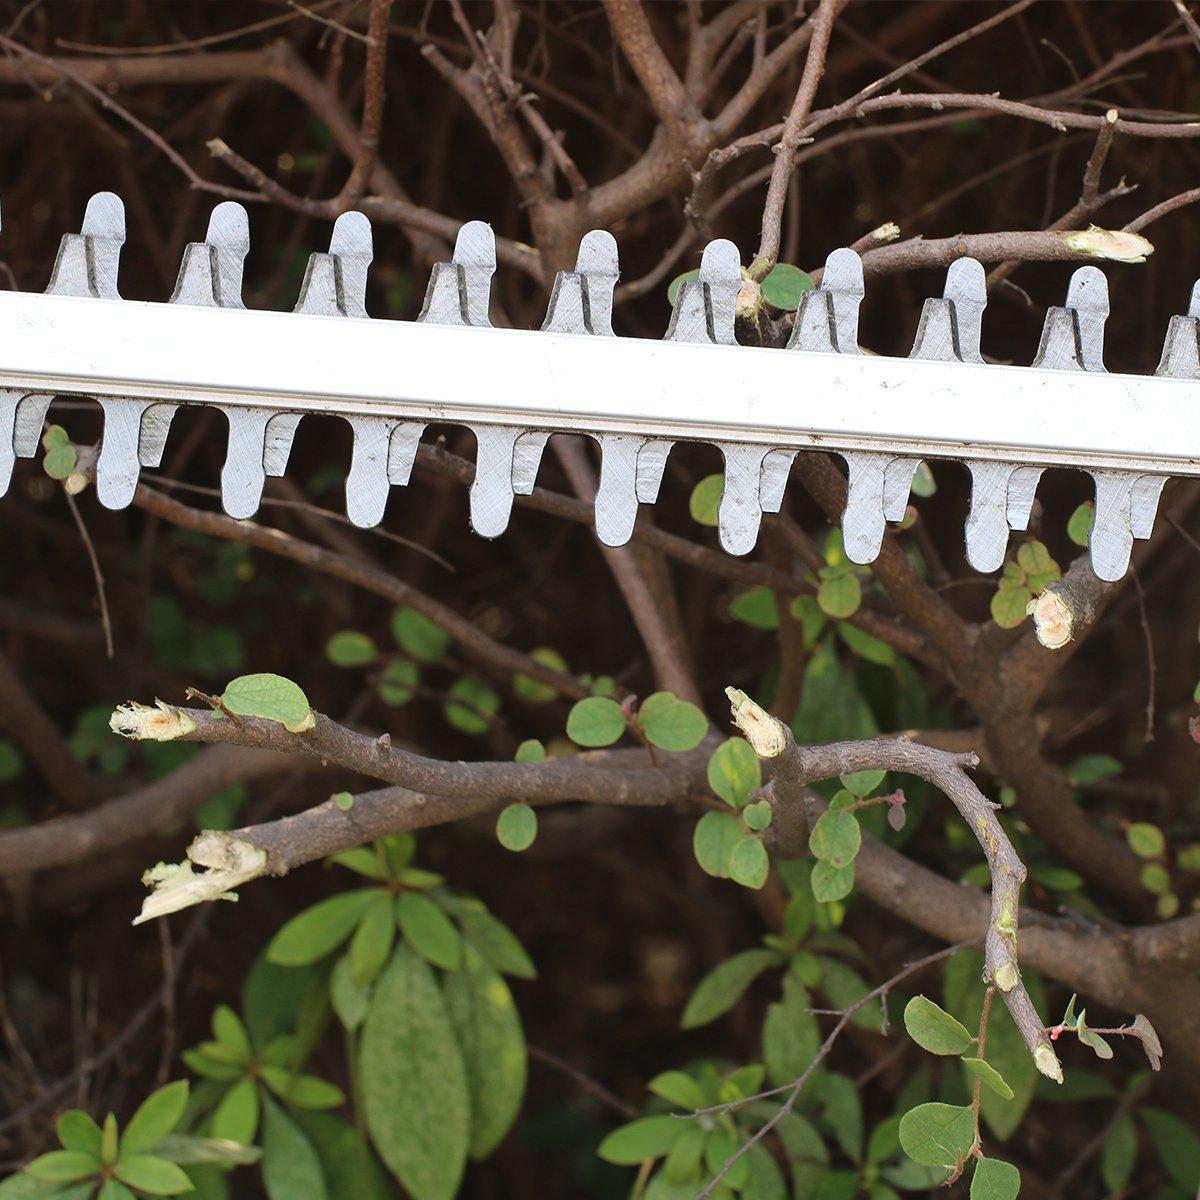 MEDAS Si 40V sạc di động hàng rào cây xanh loại máy máy cắt hàng rào trà lá cắt máy cắt (nhà cung cấ